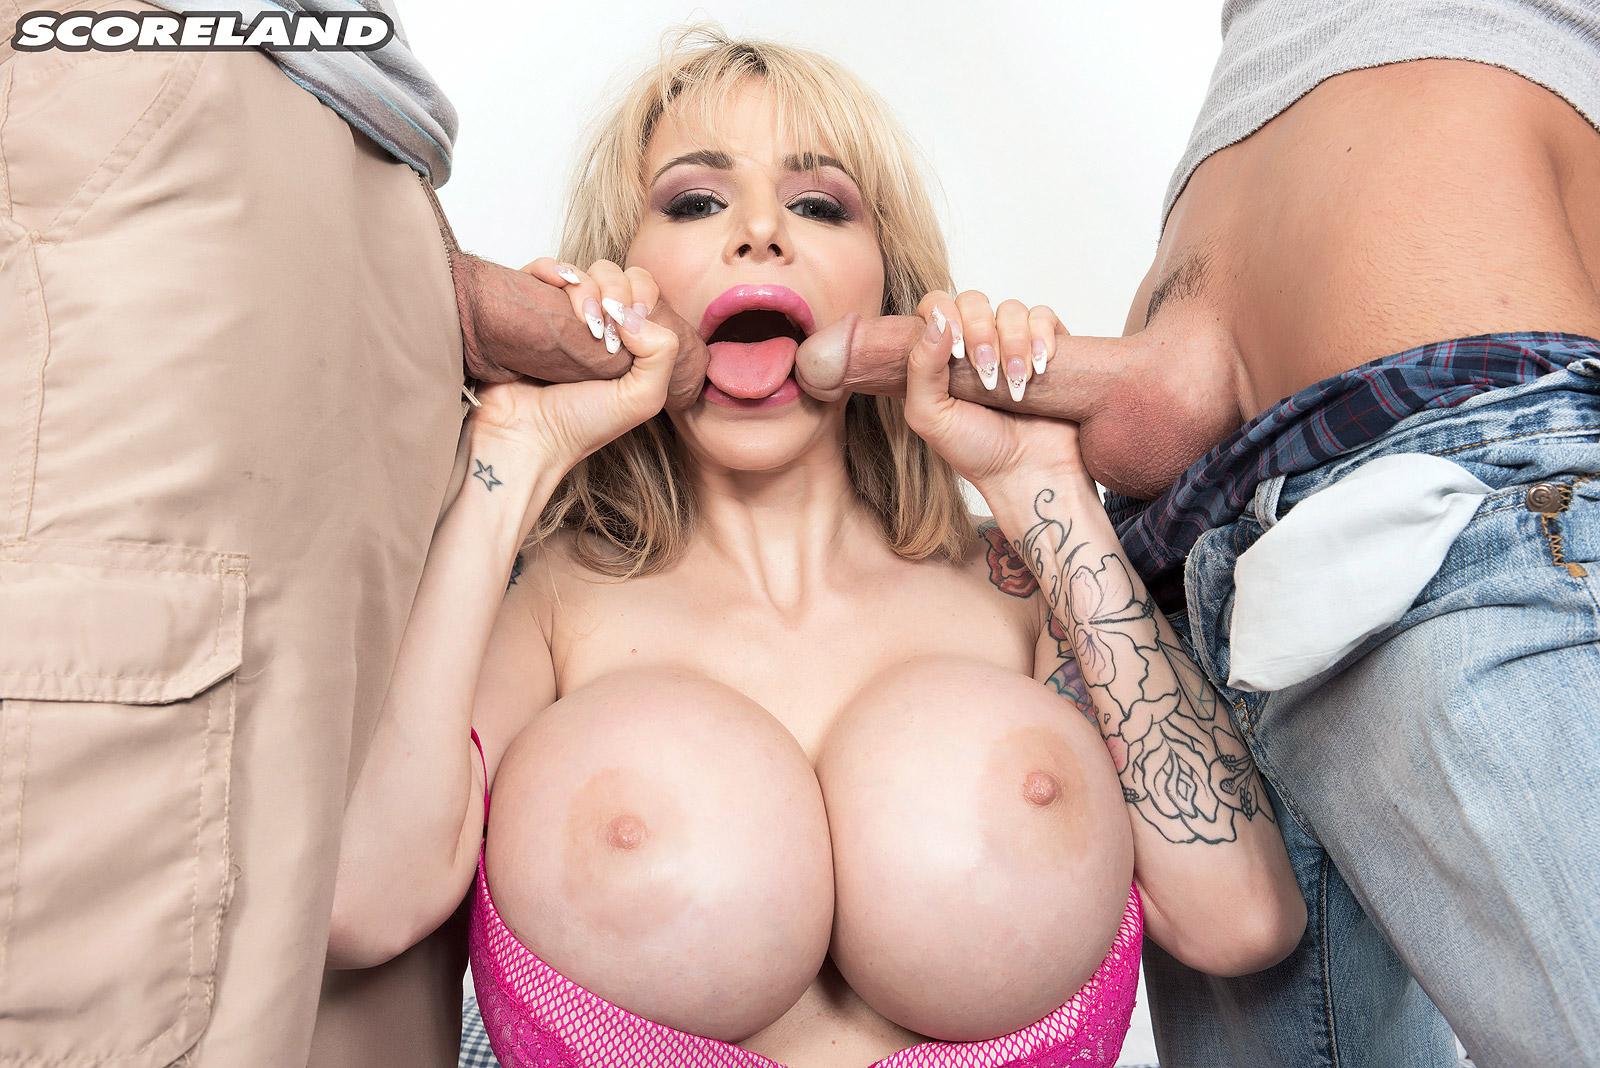 Danielle derek anal creampie